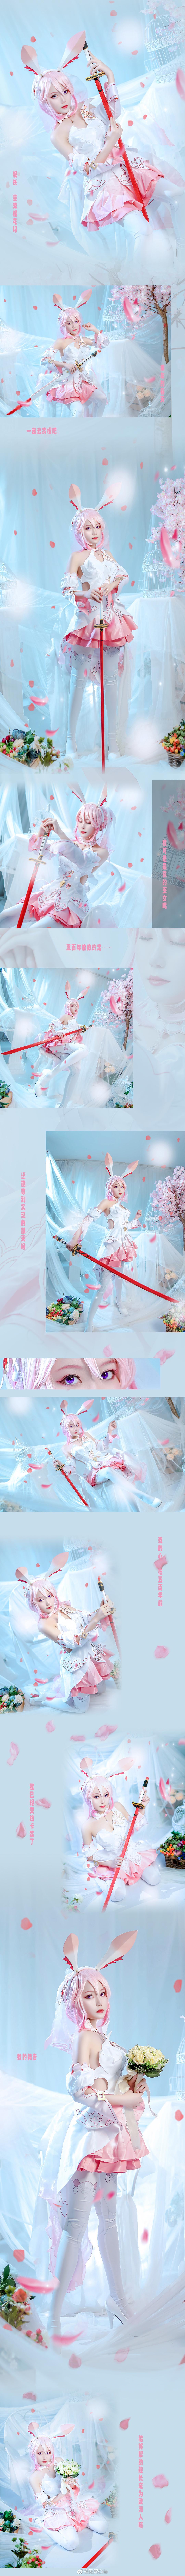 《八重樱》正片cosplay【CN:韩玖白】-第1张